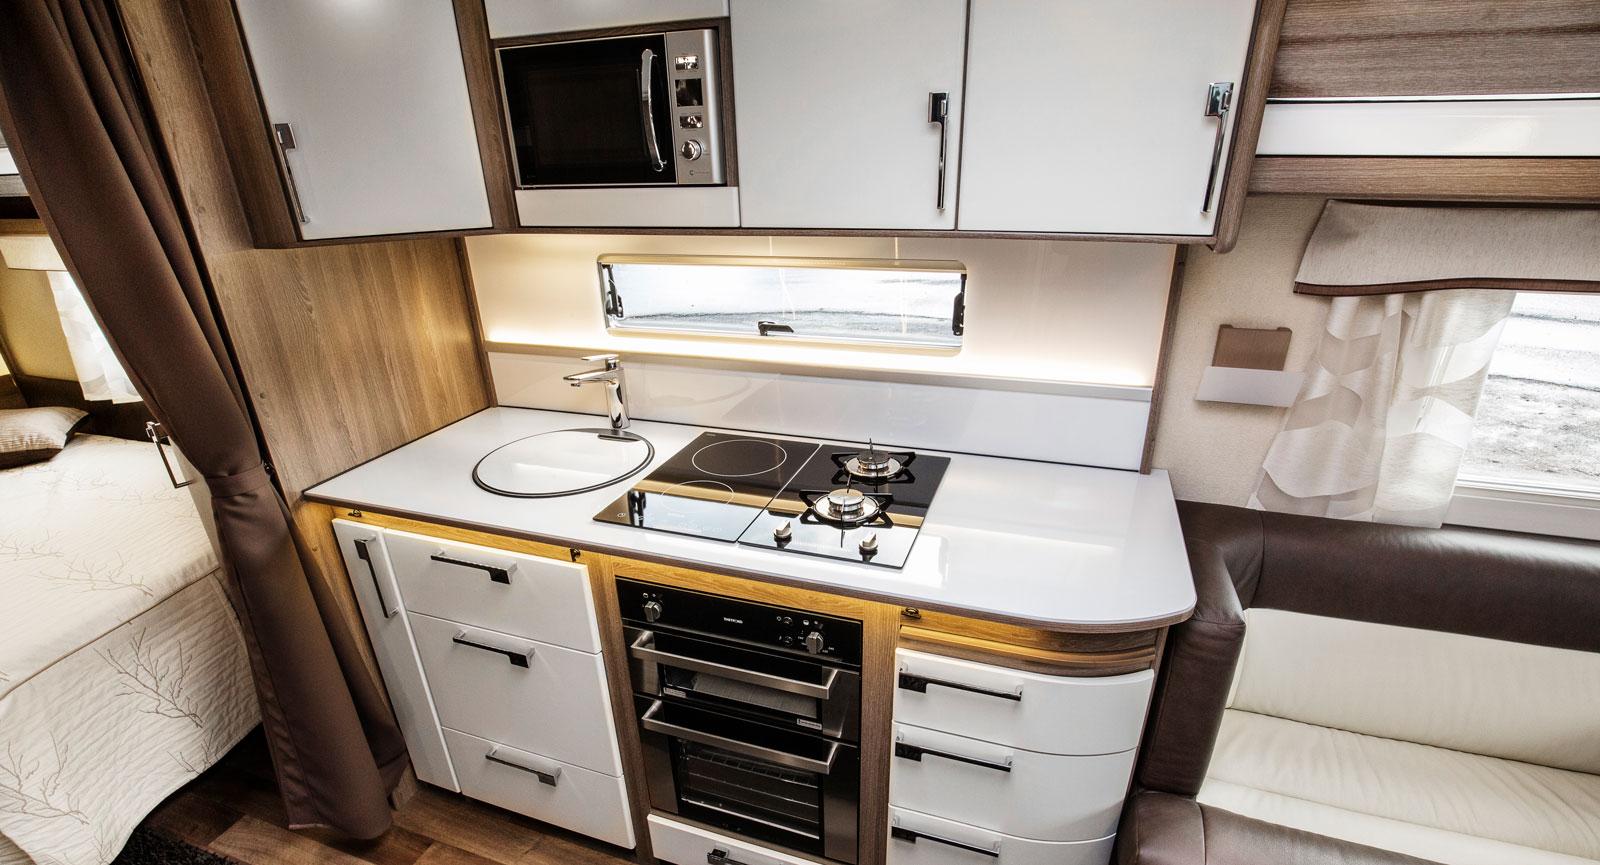 Bra. Köket är välutrustat och arbetsytor finns det gott om. De vita luckorna är ett av få tillval i den testade vagnen. Det finns både ugn och grill som standard.